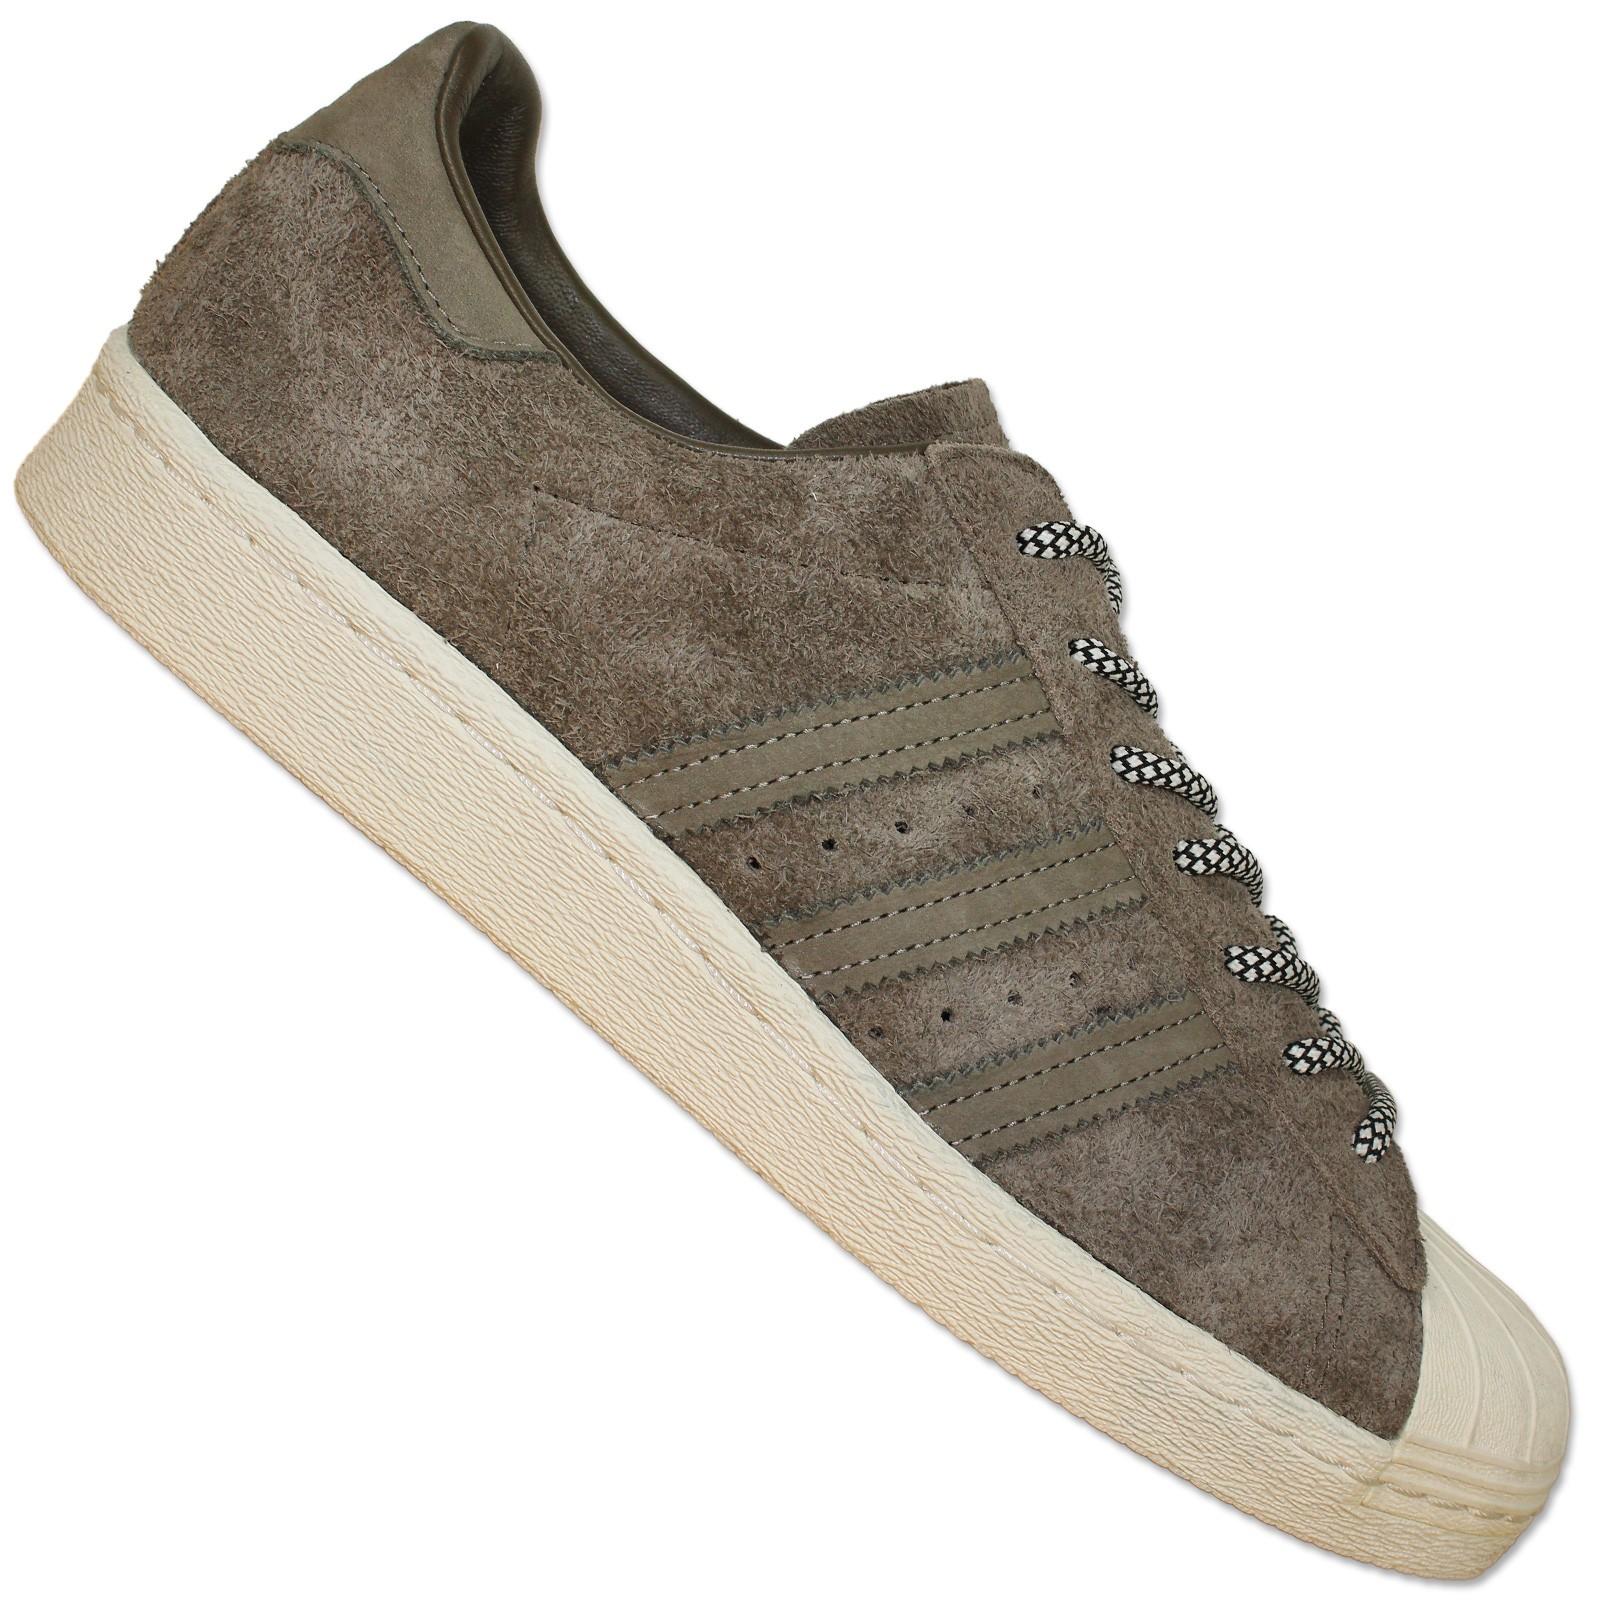 S75848 Suede Leder Sneaker Schuhe Originals 80s Braun Superstar Samba Adidas f6Y7gyb